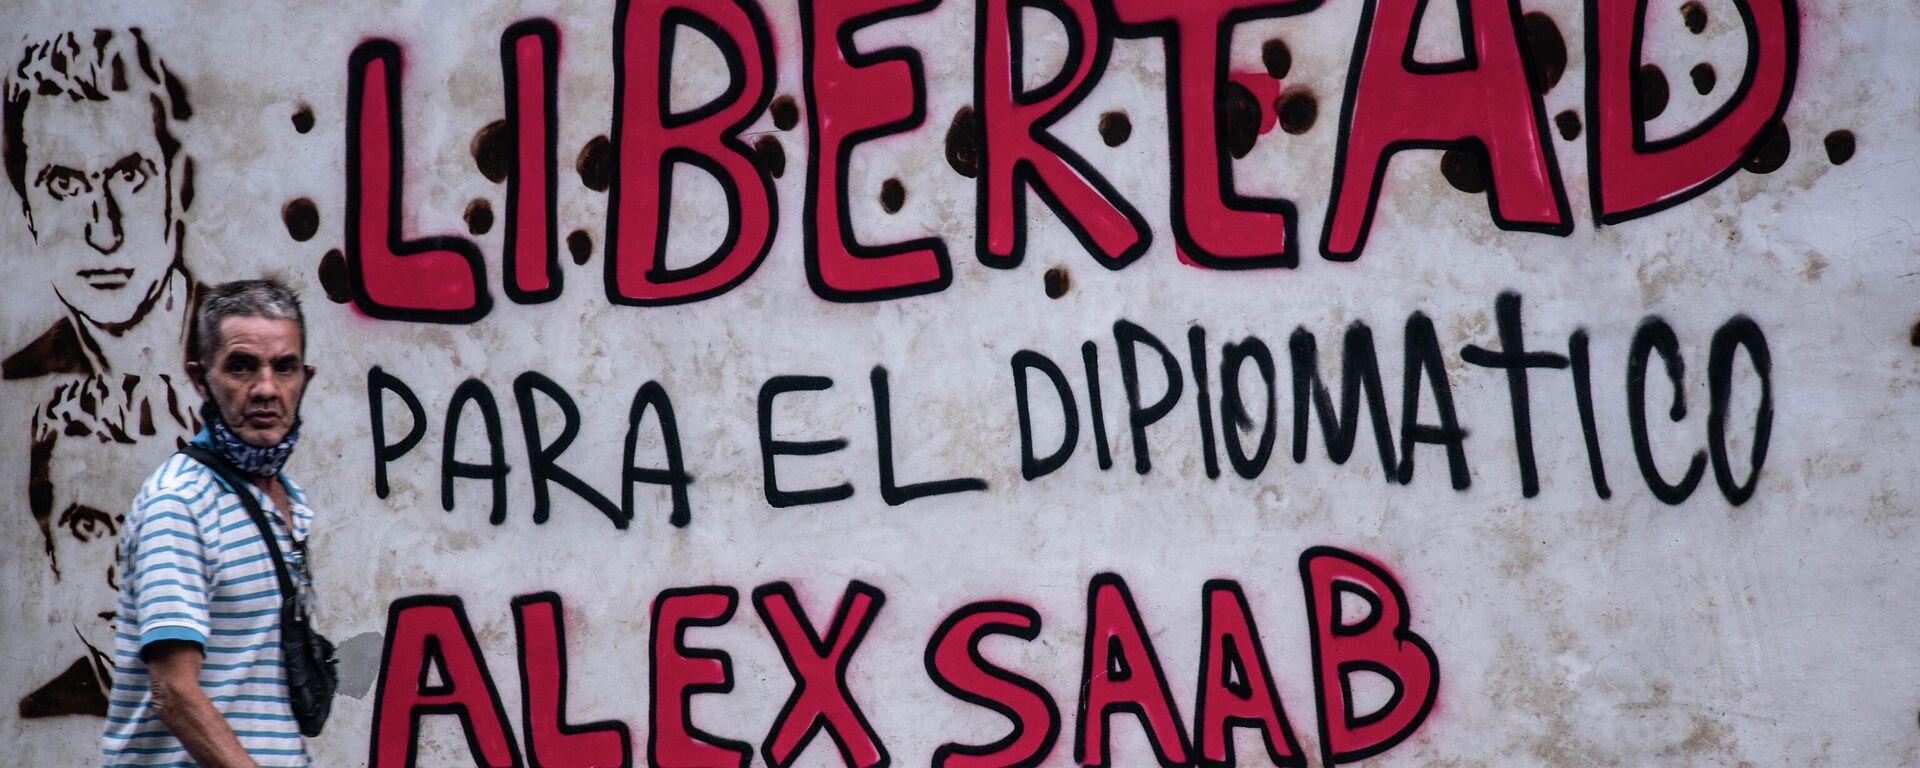 Grafiti que reclama la libertad de Alex Saab, detenido en Cabo Verde - Sputnik Mundo, 1920, 23.06.2021